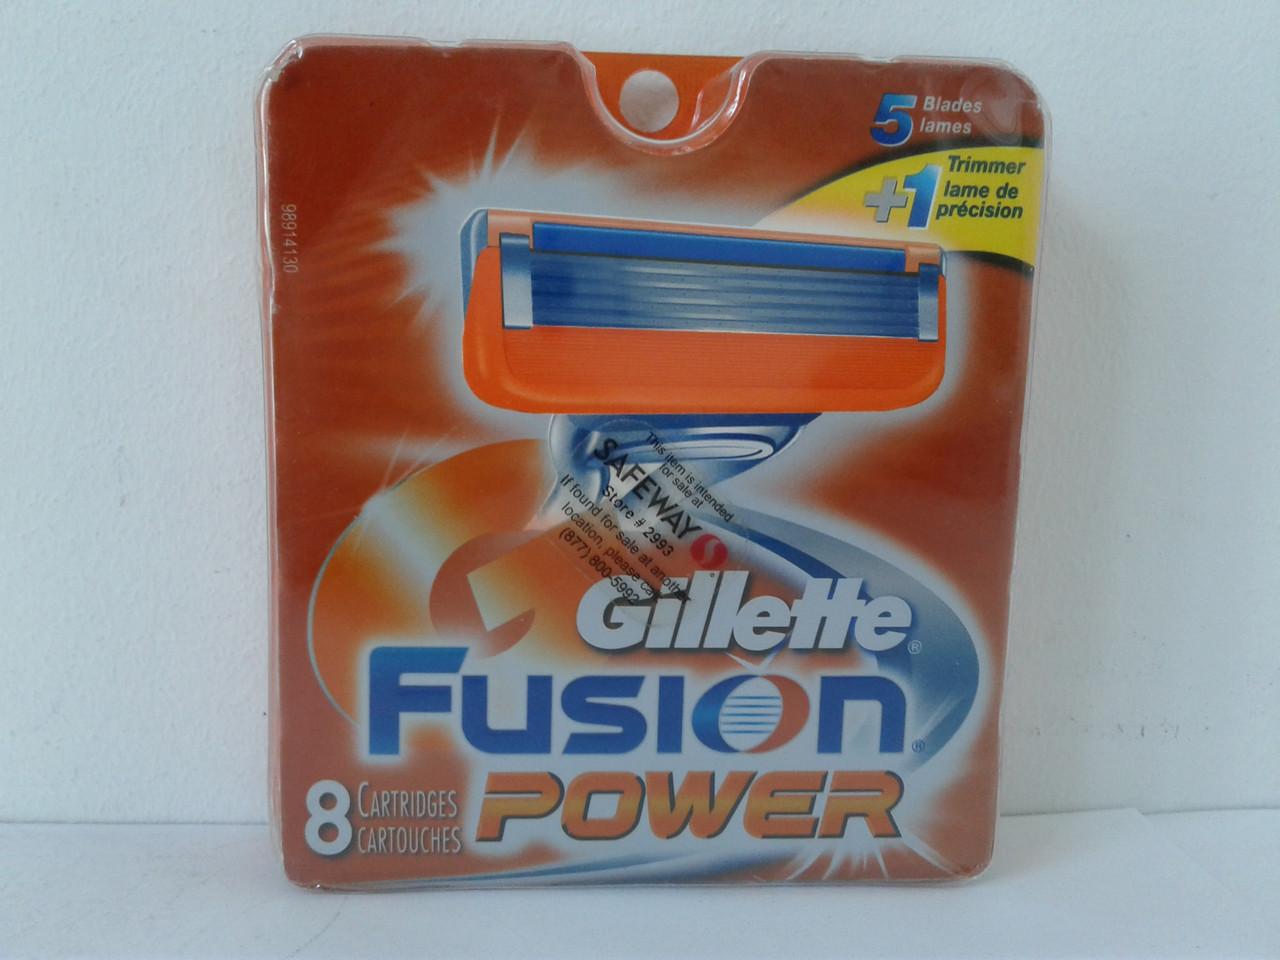 Кассеты мужские для бритья Gillette Fusion Power  8 шт. ( Жиллетт Фюжин Павер оригинал США)